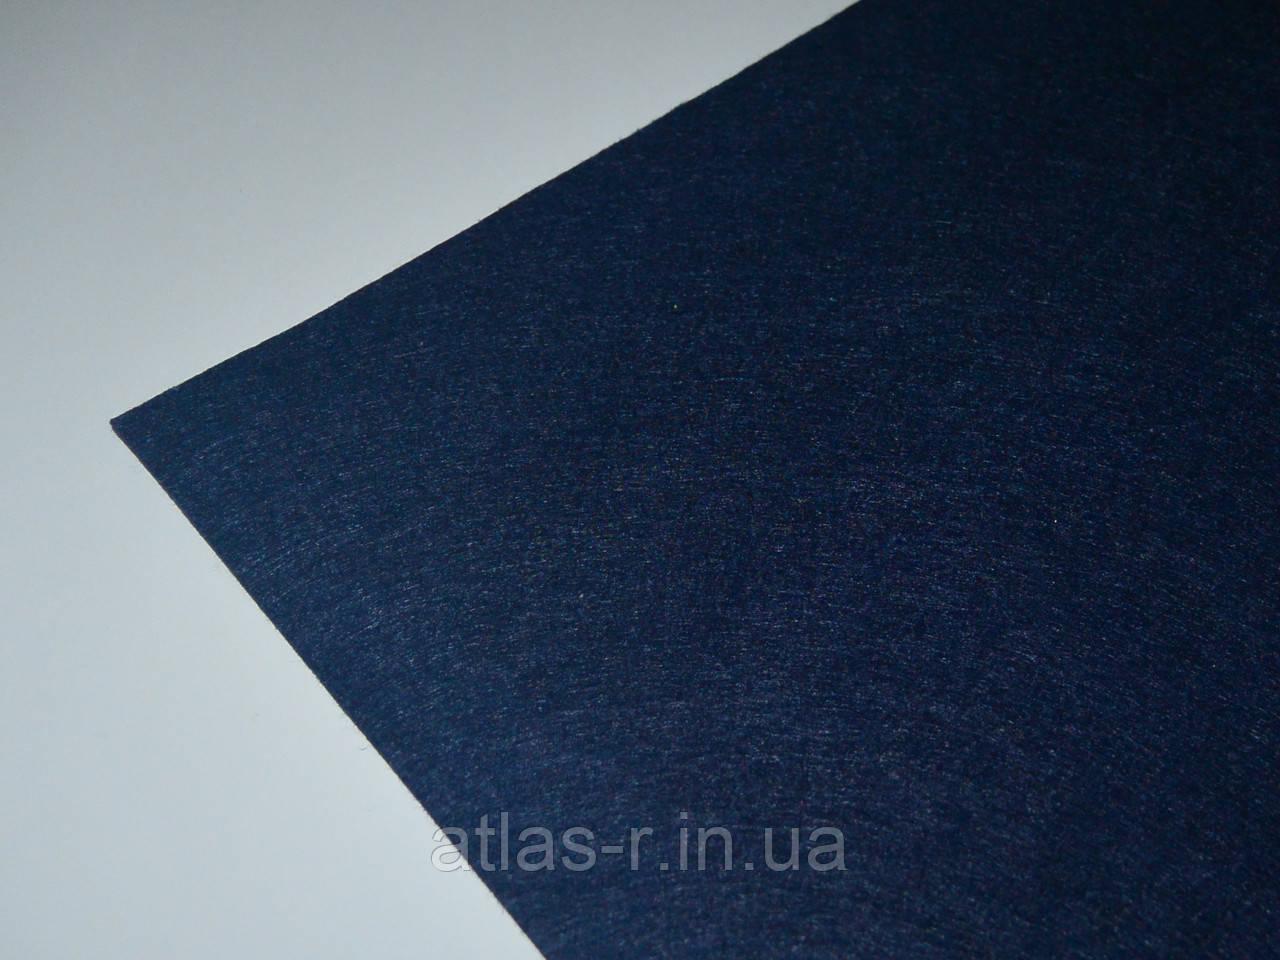 Жесткий фетр для рукоделия глубокий синий